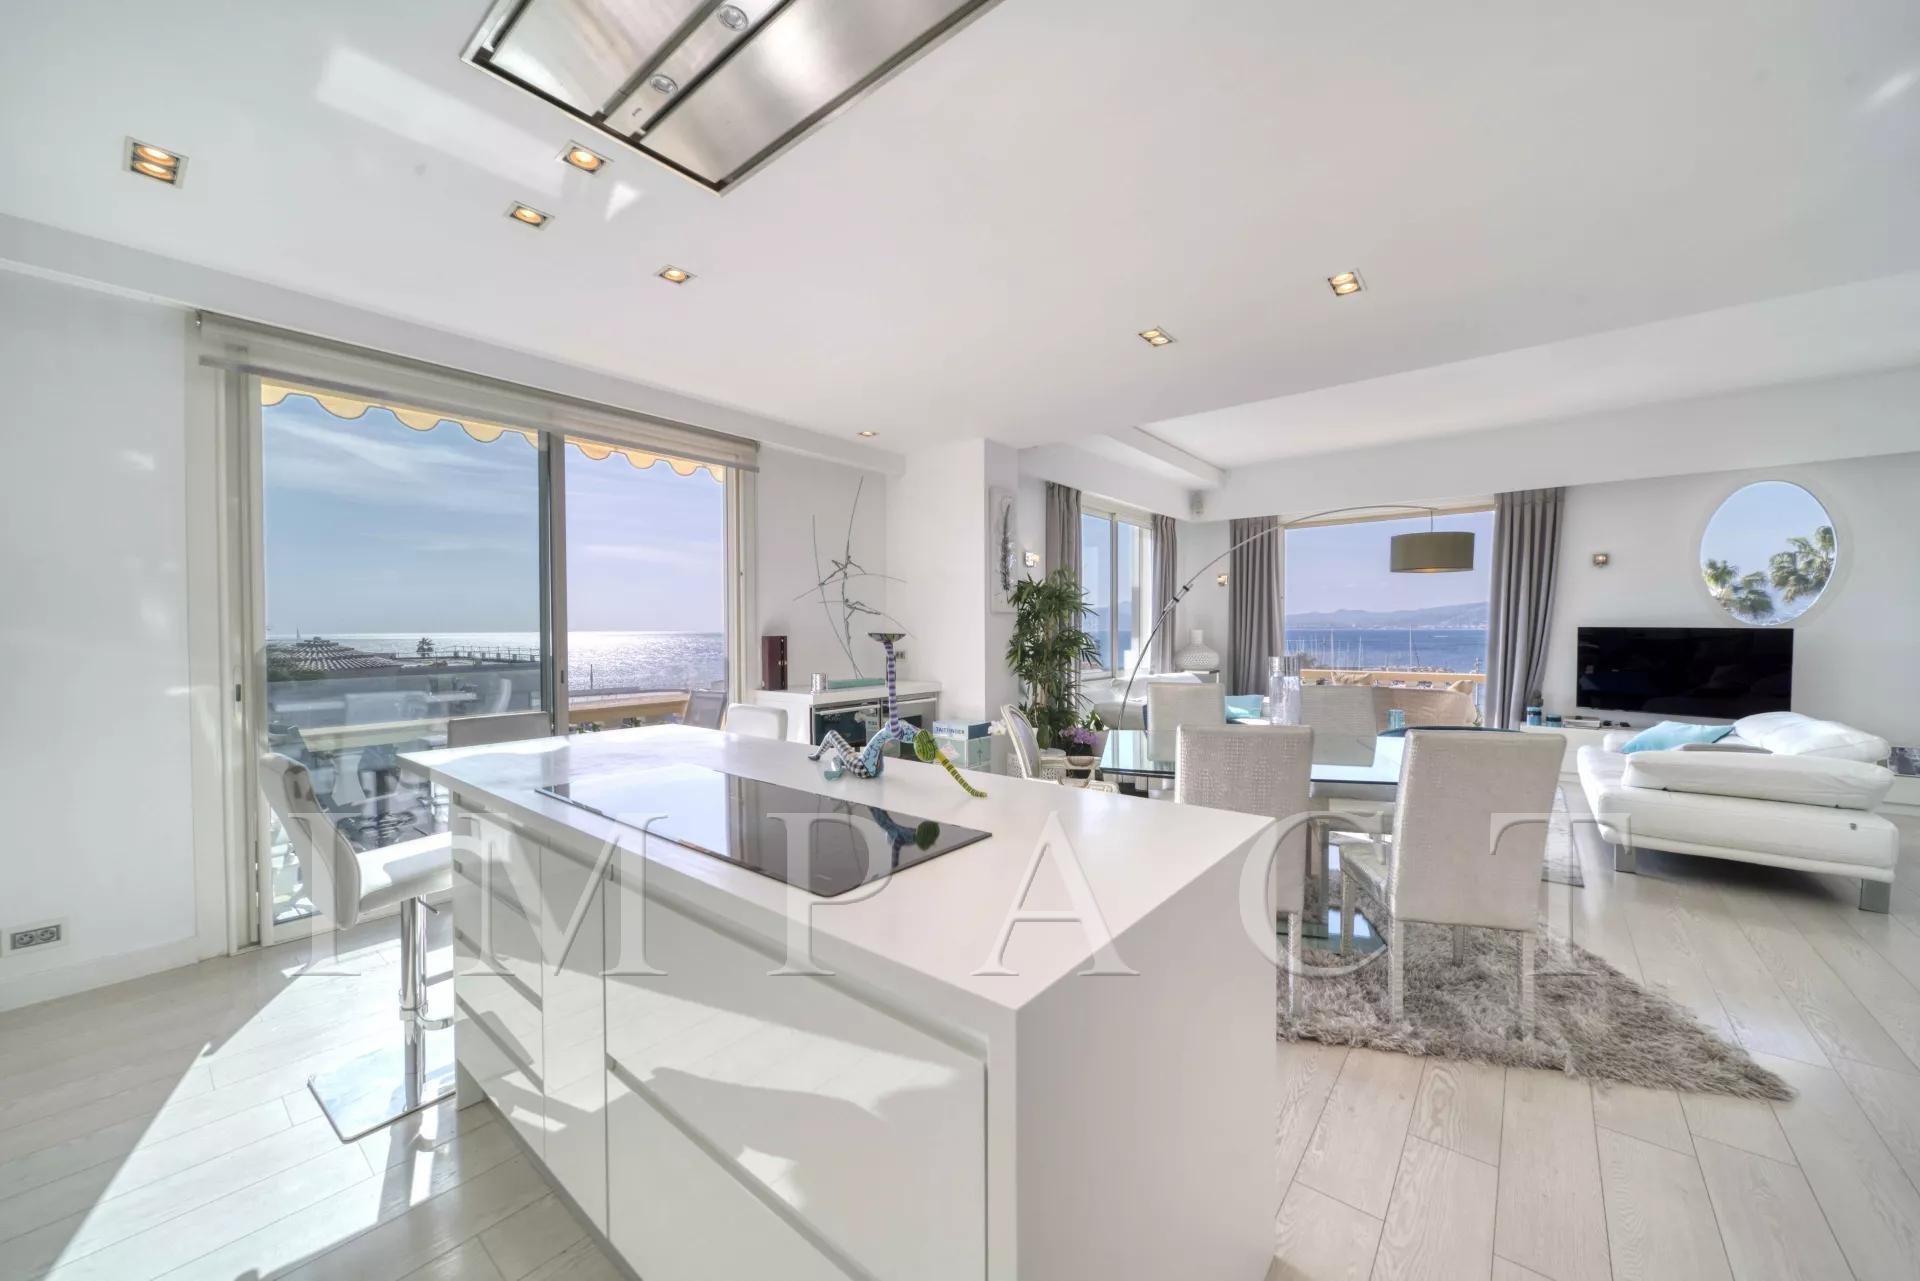 Appartement à louer sur la Croisette - Cannes